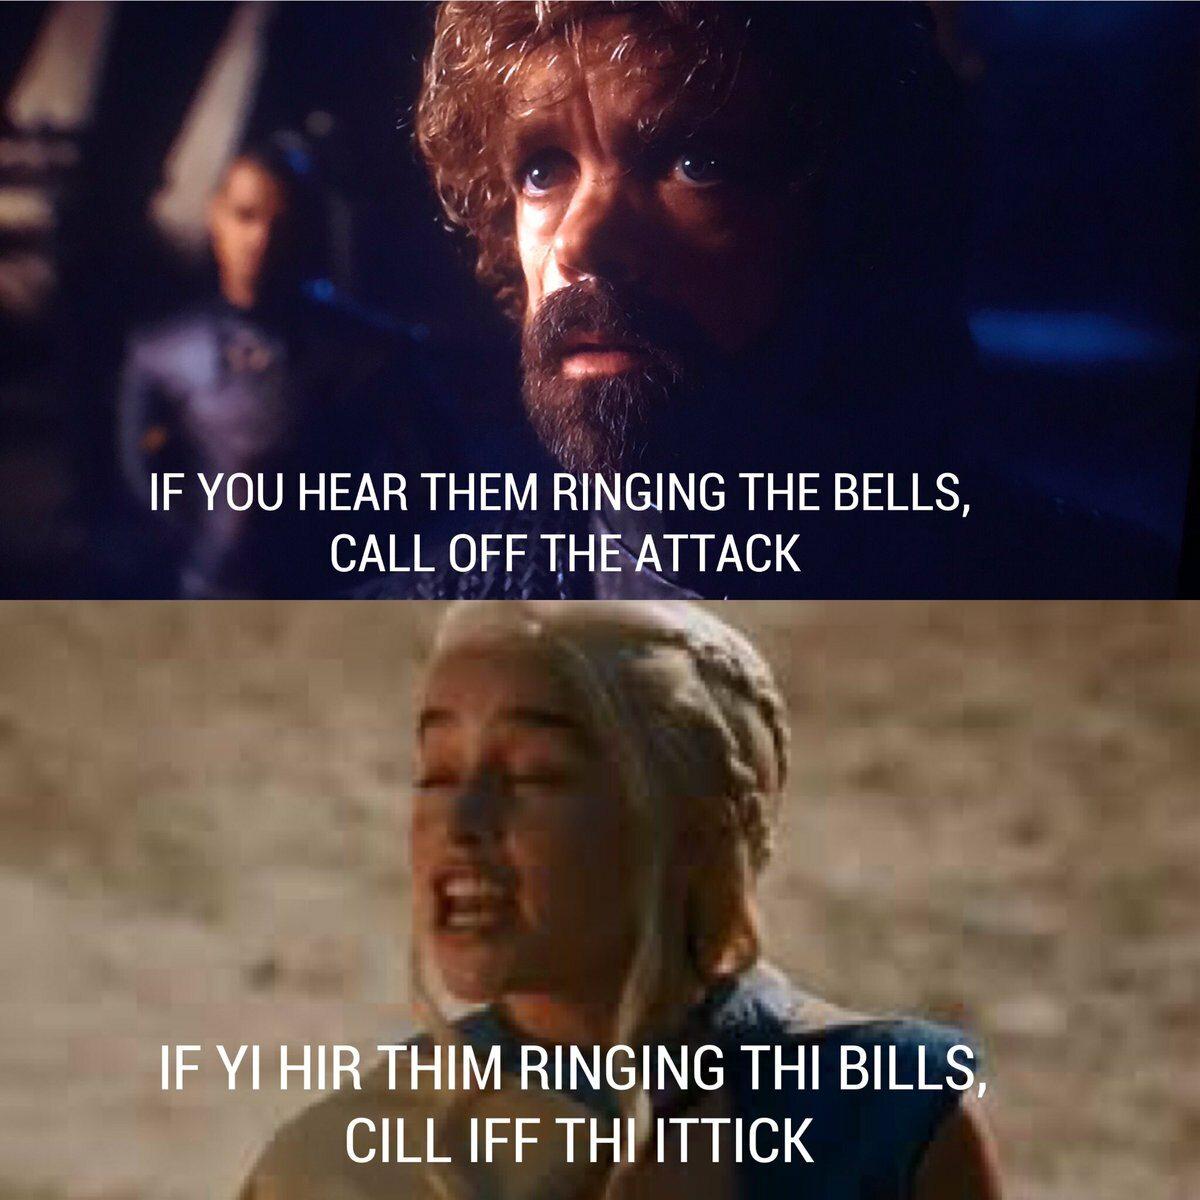 Jeśli usłyszysz, że biją w dzwony, odwołaj atak